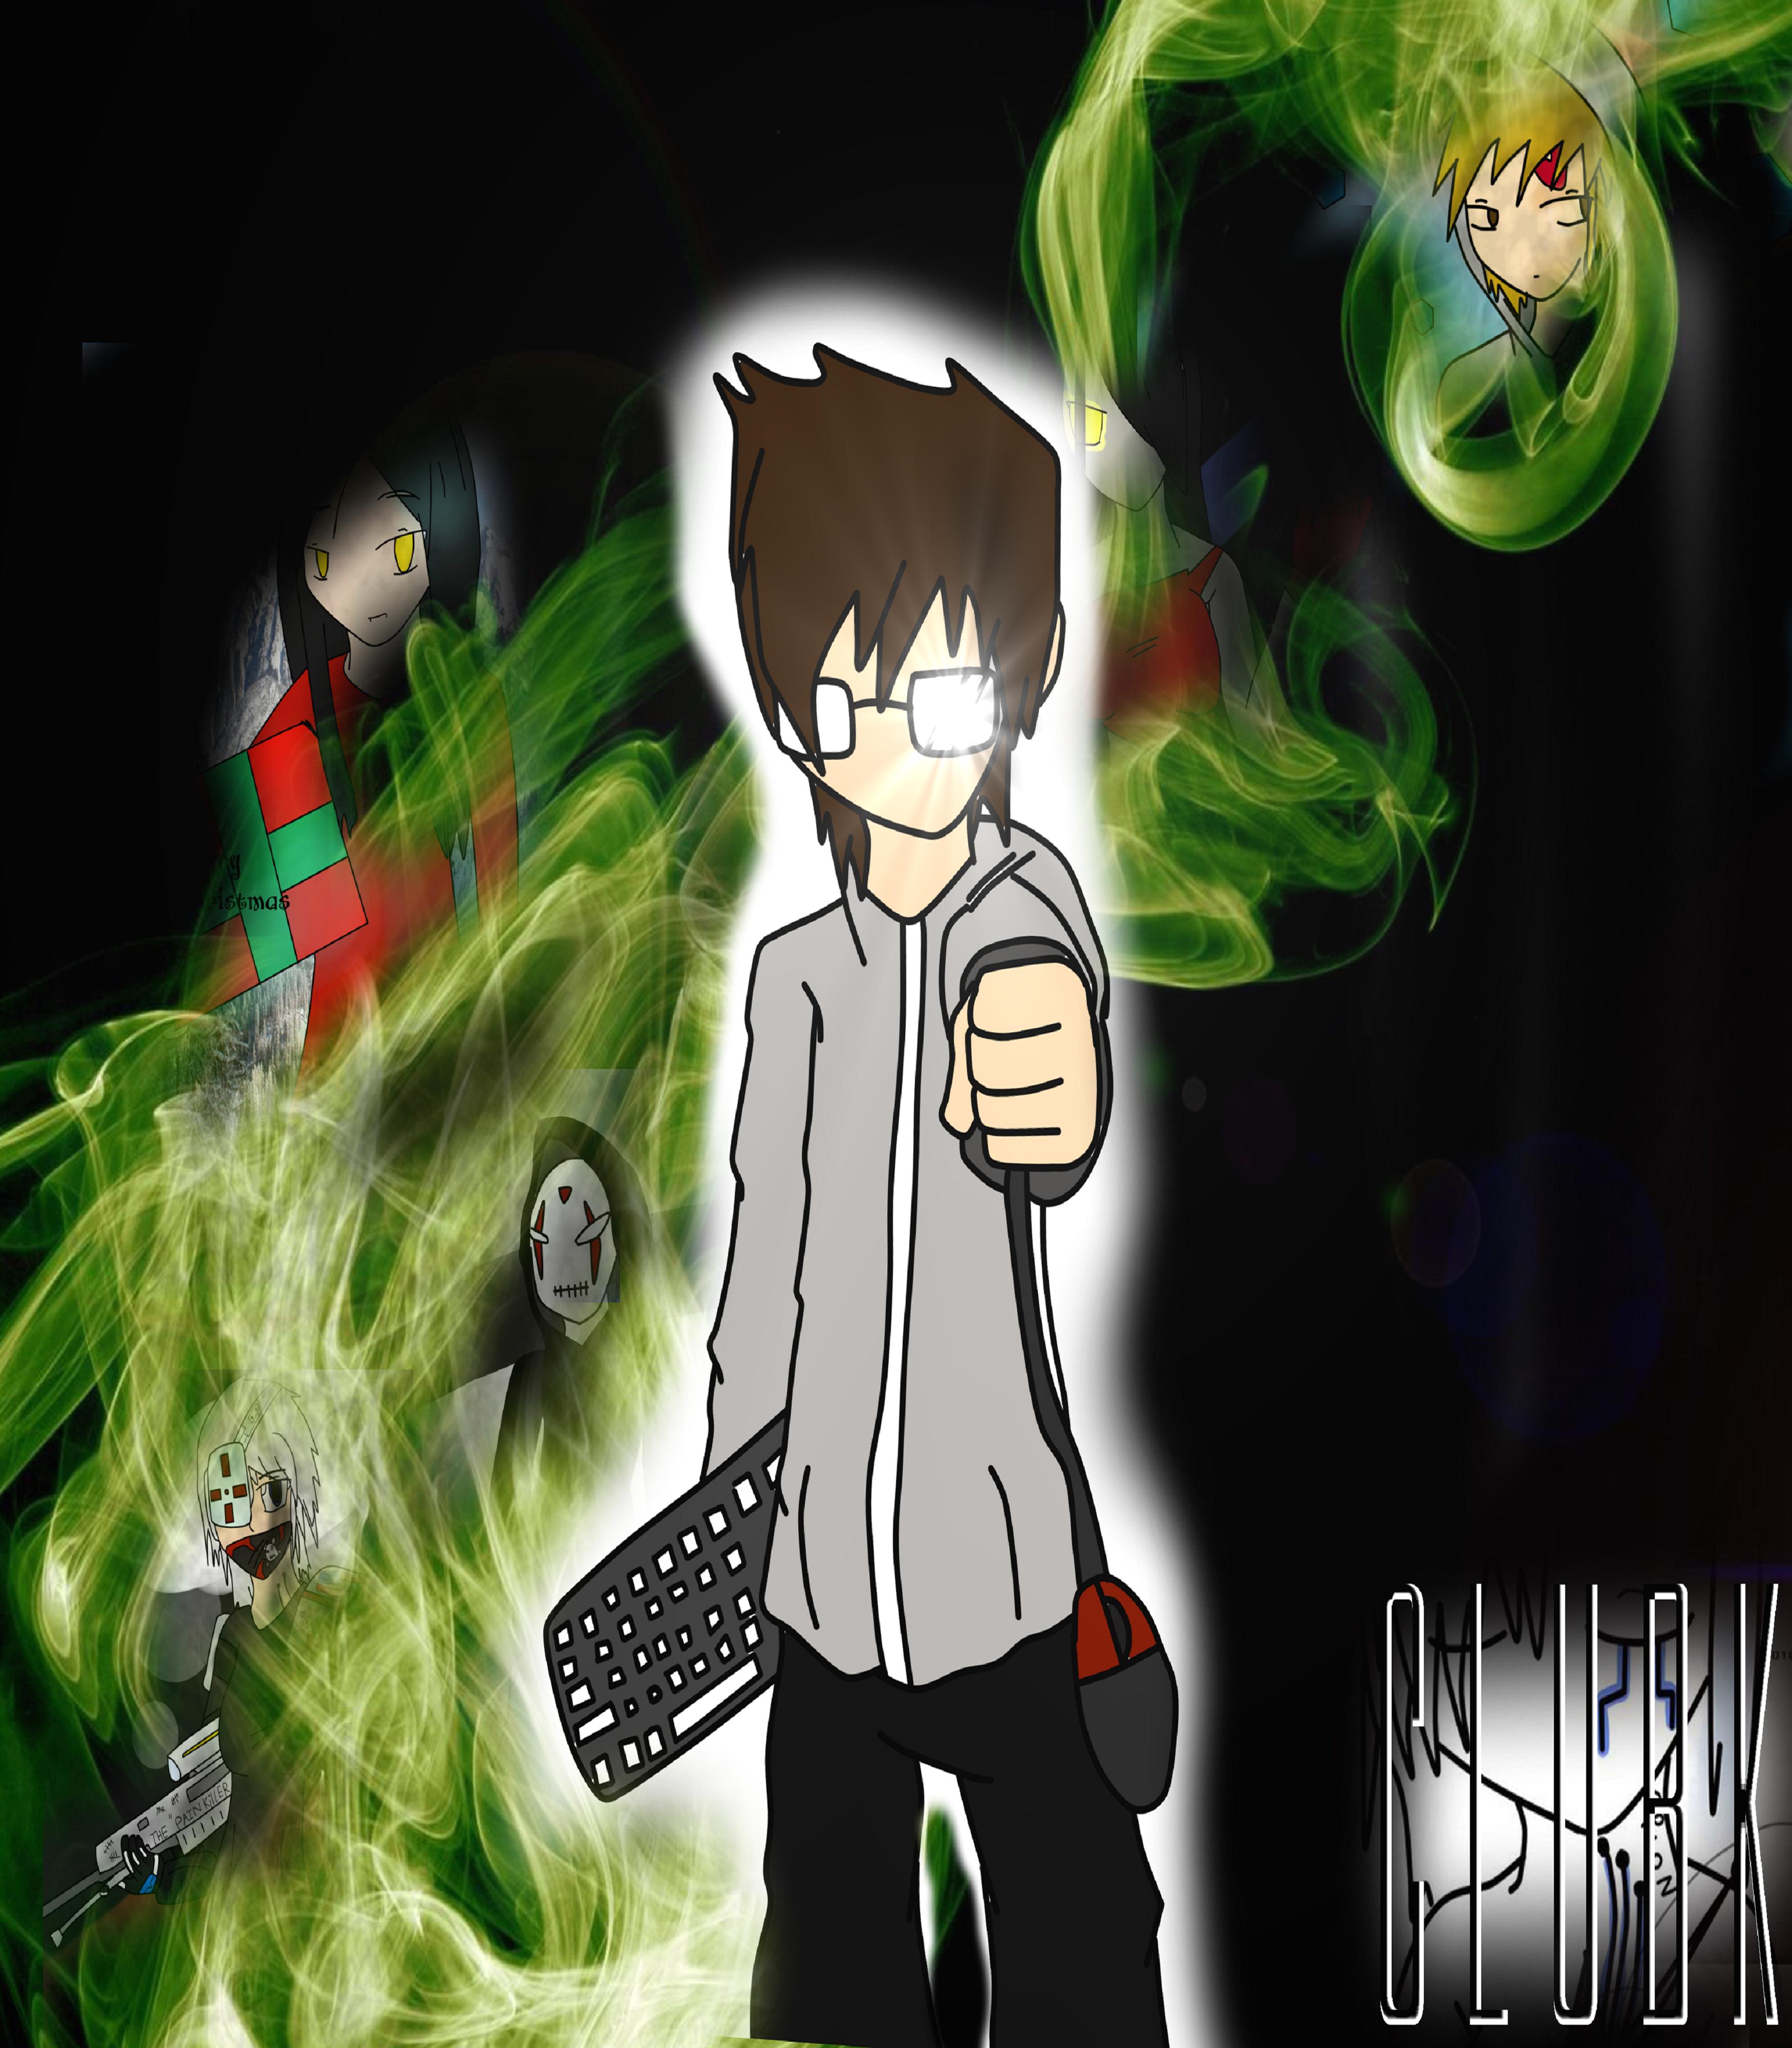 Clubk's Profile Picture